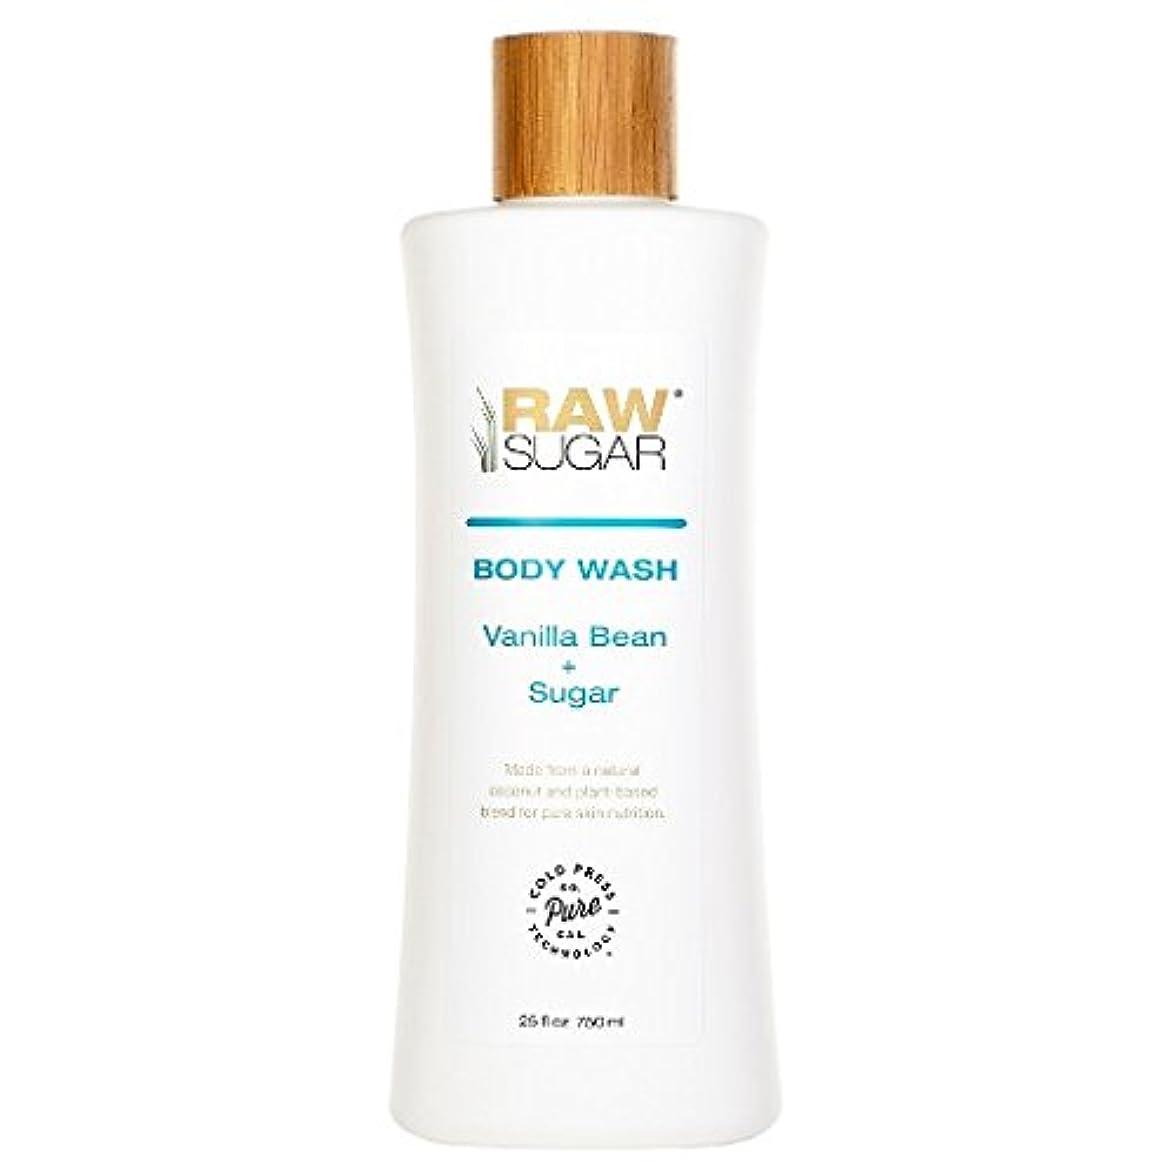 詐欺師フォークナラーバーRAWTM Sugar Awash in Expectation Vanilla Bean+Sugar Body Wash - 25 oz by raw